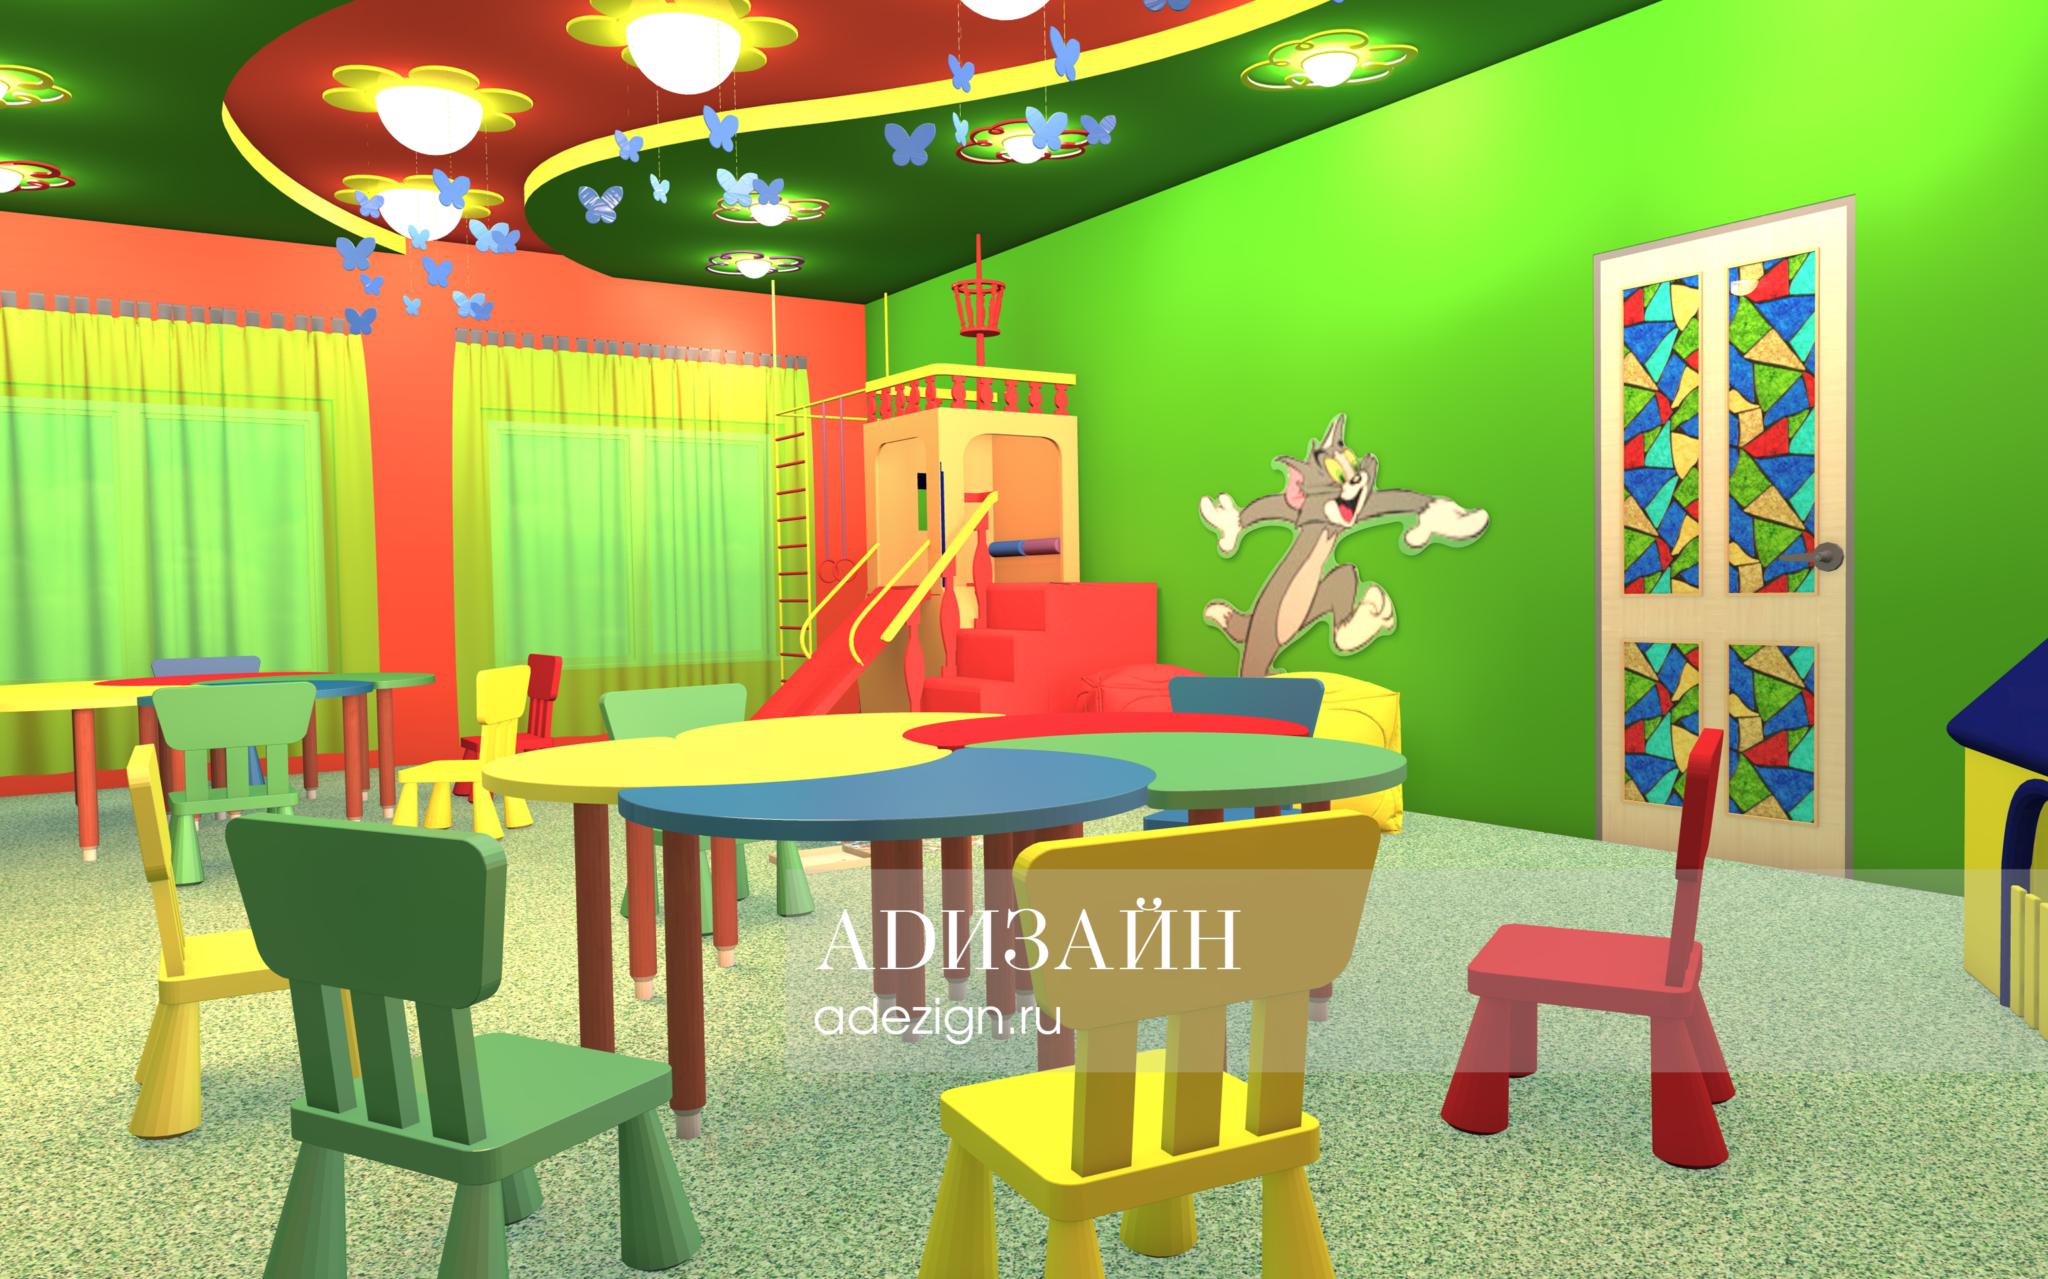 Детский сад «Радуга». Игровая зона